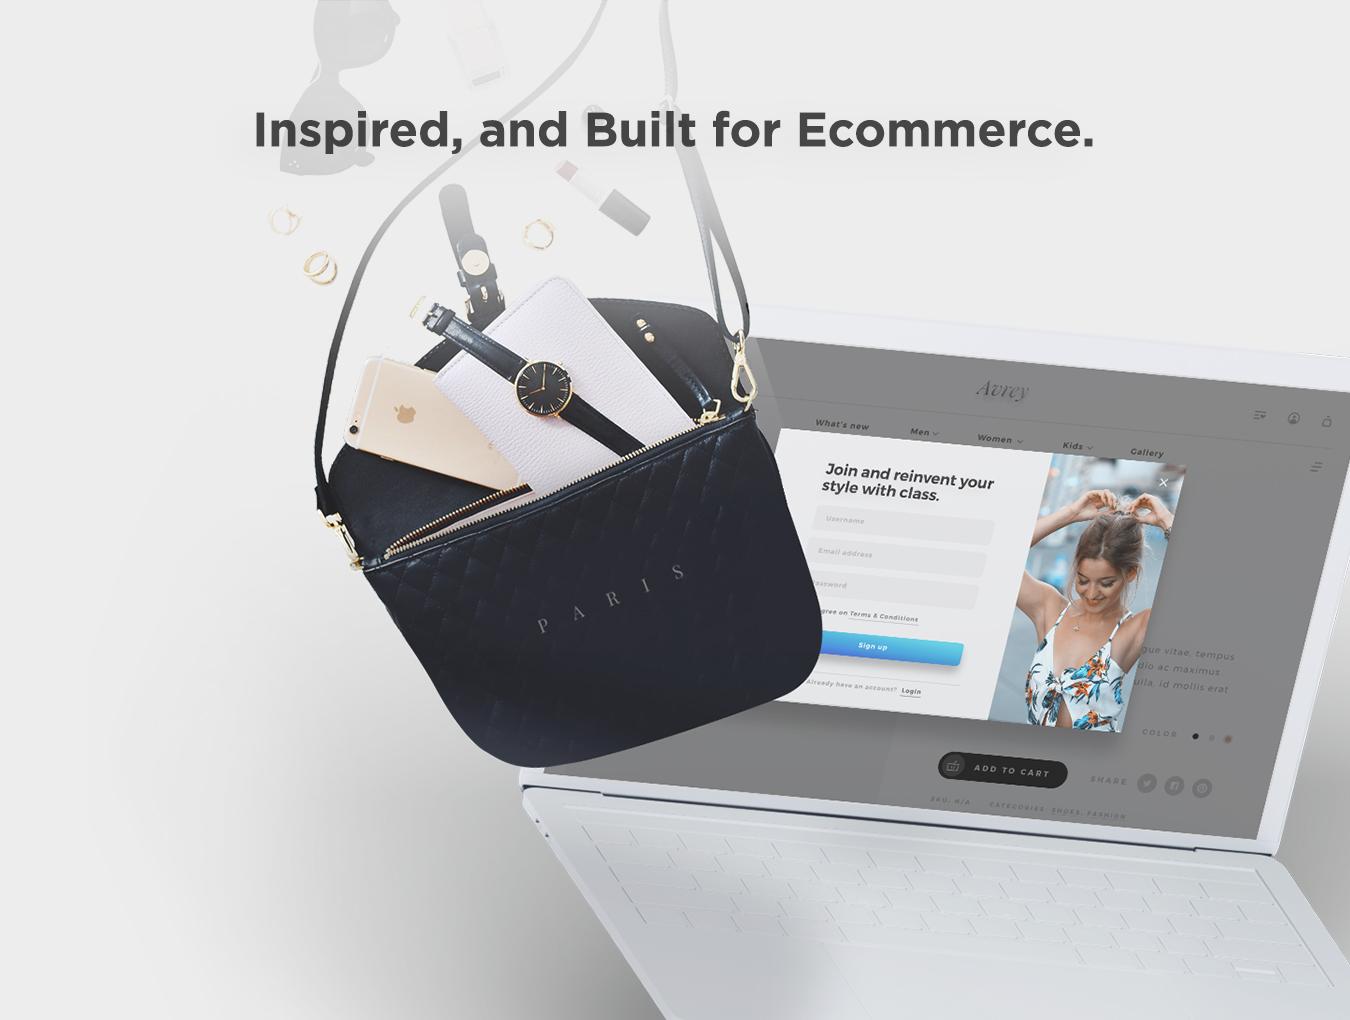 精美的服装鞋子电子商务Web UI套件 Sierra – E-commerce Web UI Kit插图(6)